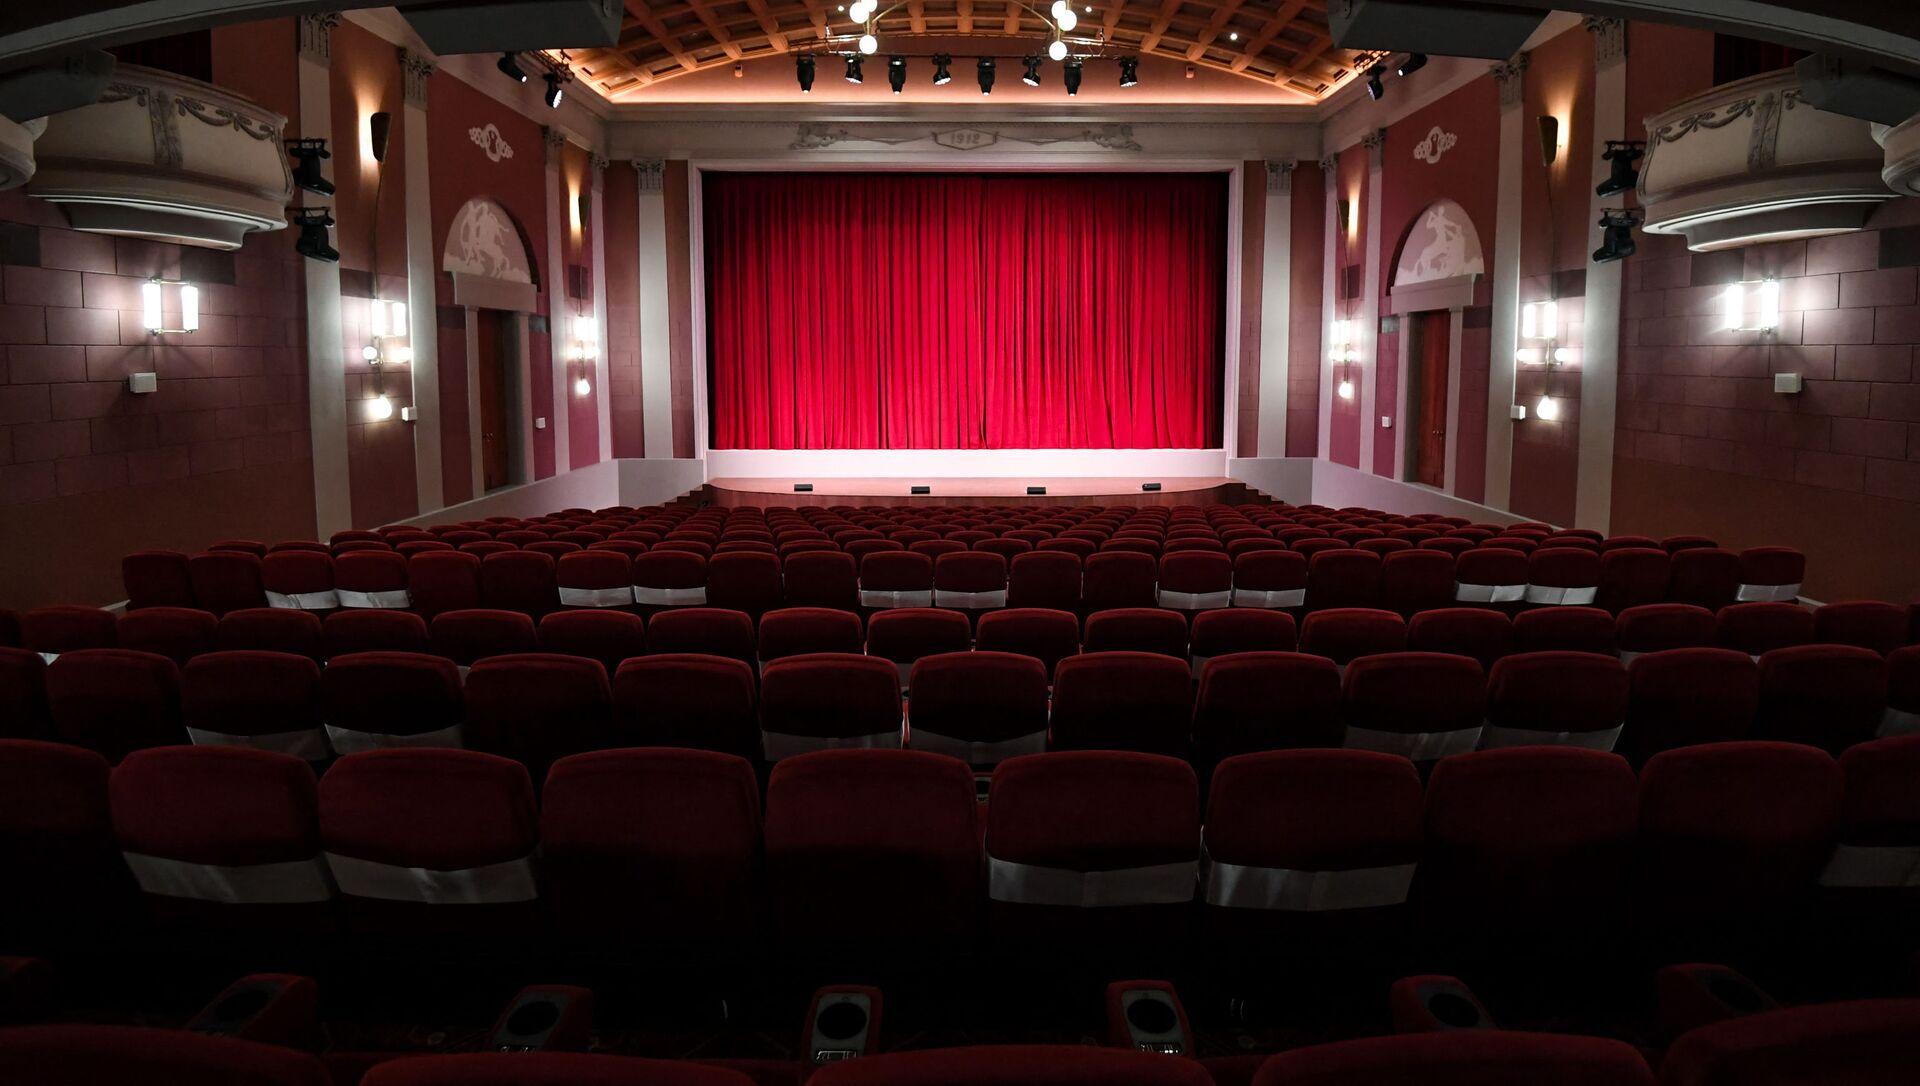 Boş teatr səhnəsi, arxiv şəkli - Sputnik Azərbaycan, 1920, 20.08.2021